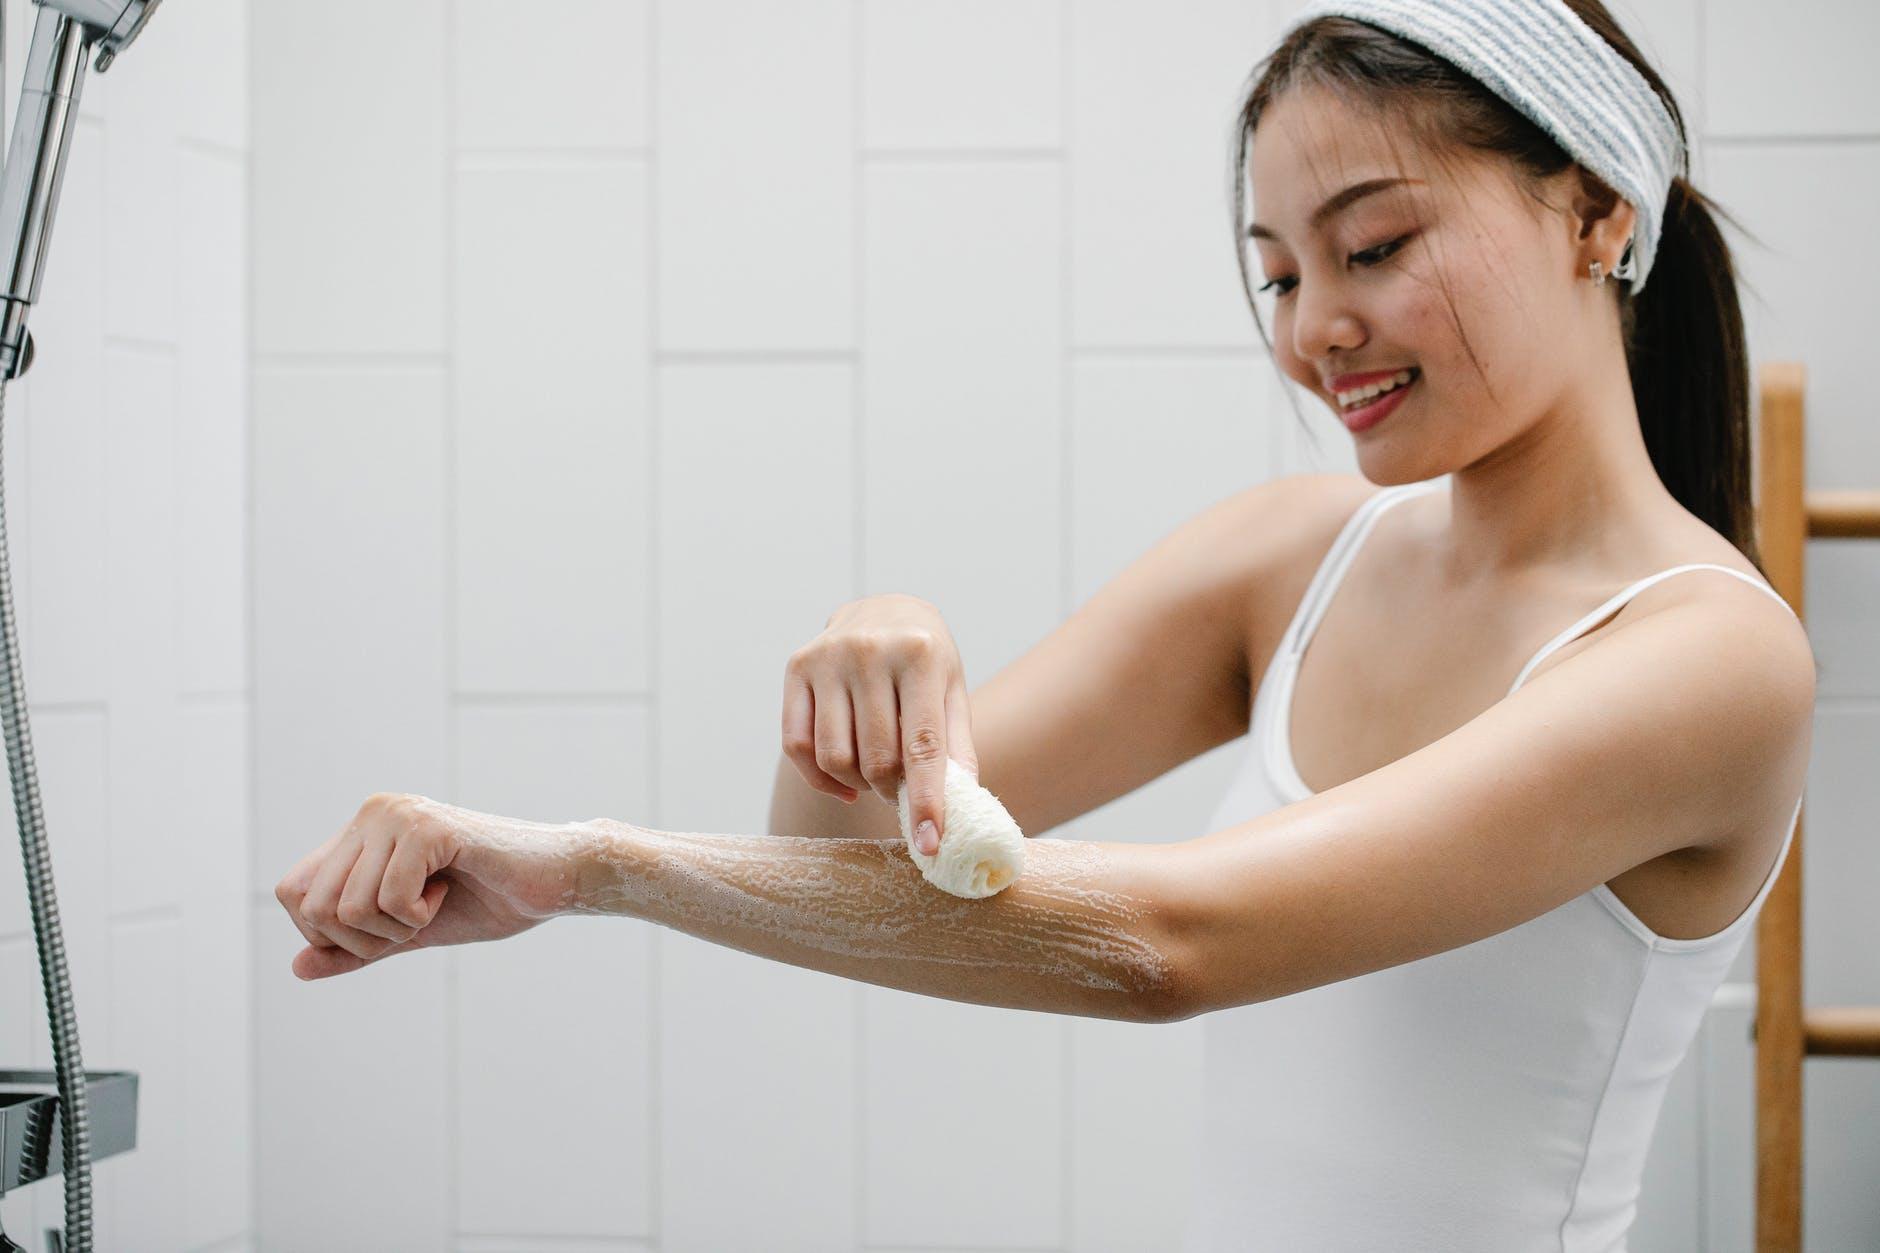 Ванна или душ? Преимущества и недостатки обоих вариантов